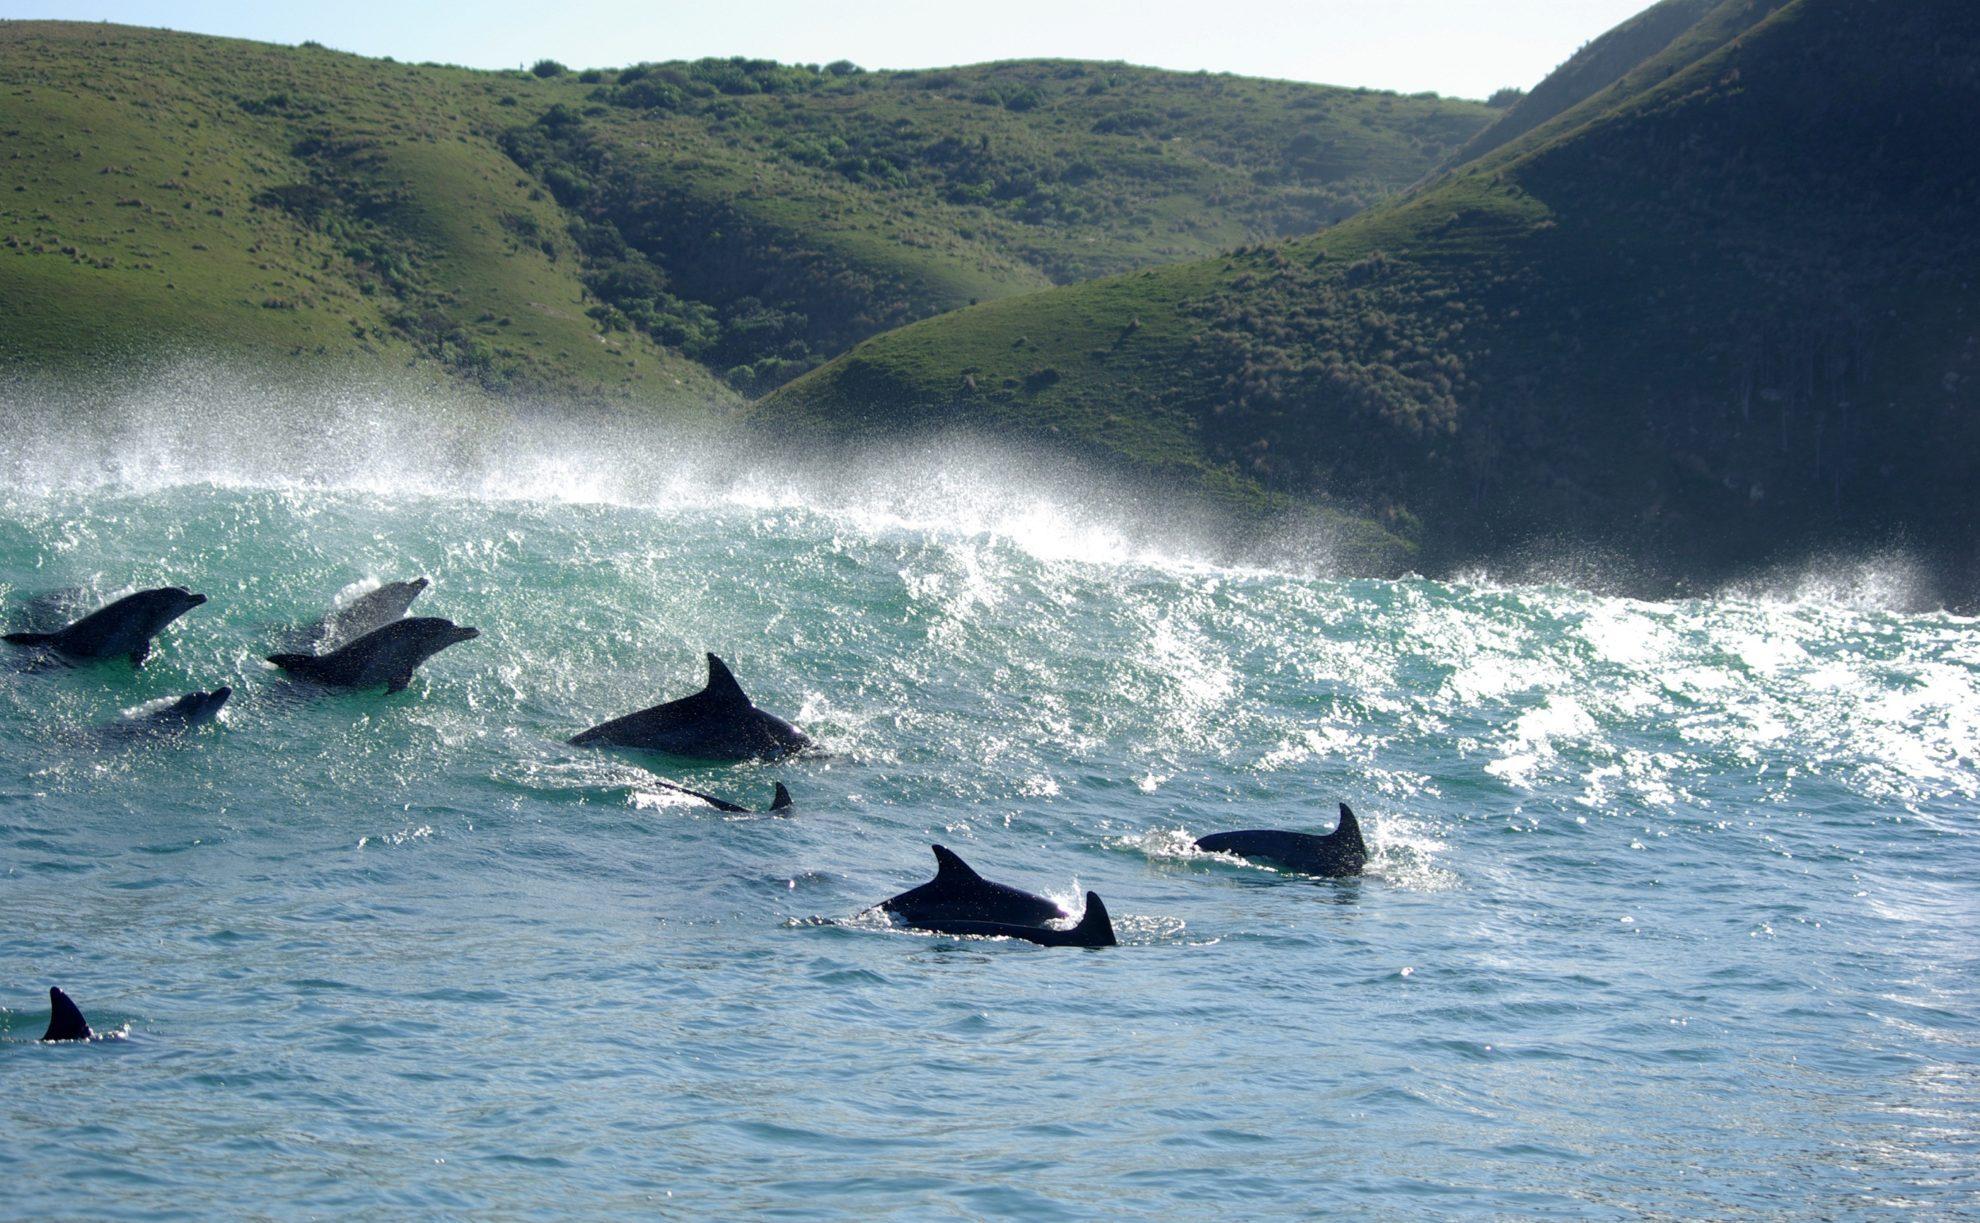 Дельфины  атакуют косяк сардин.